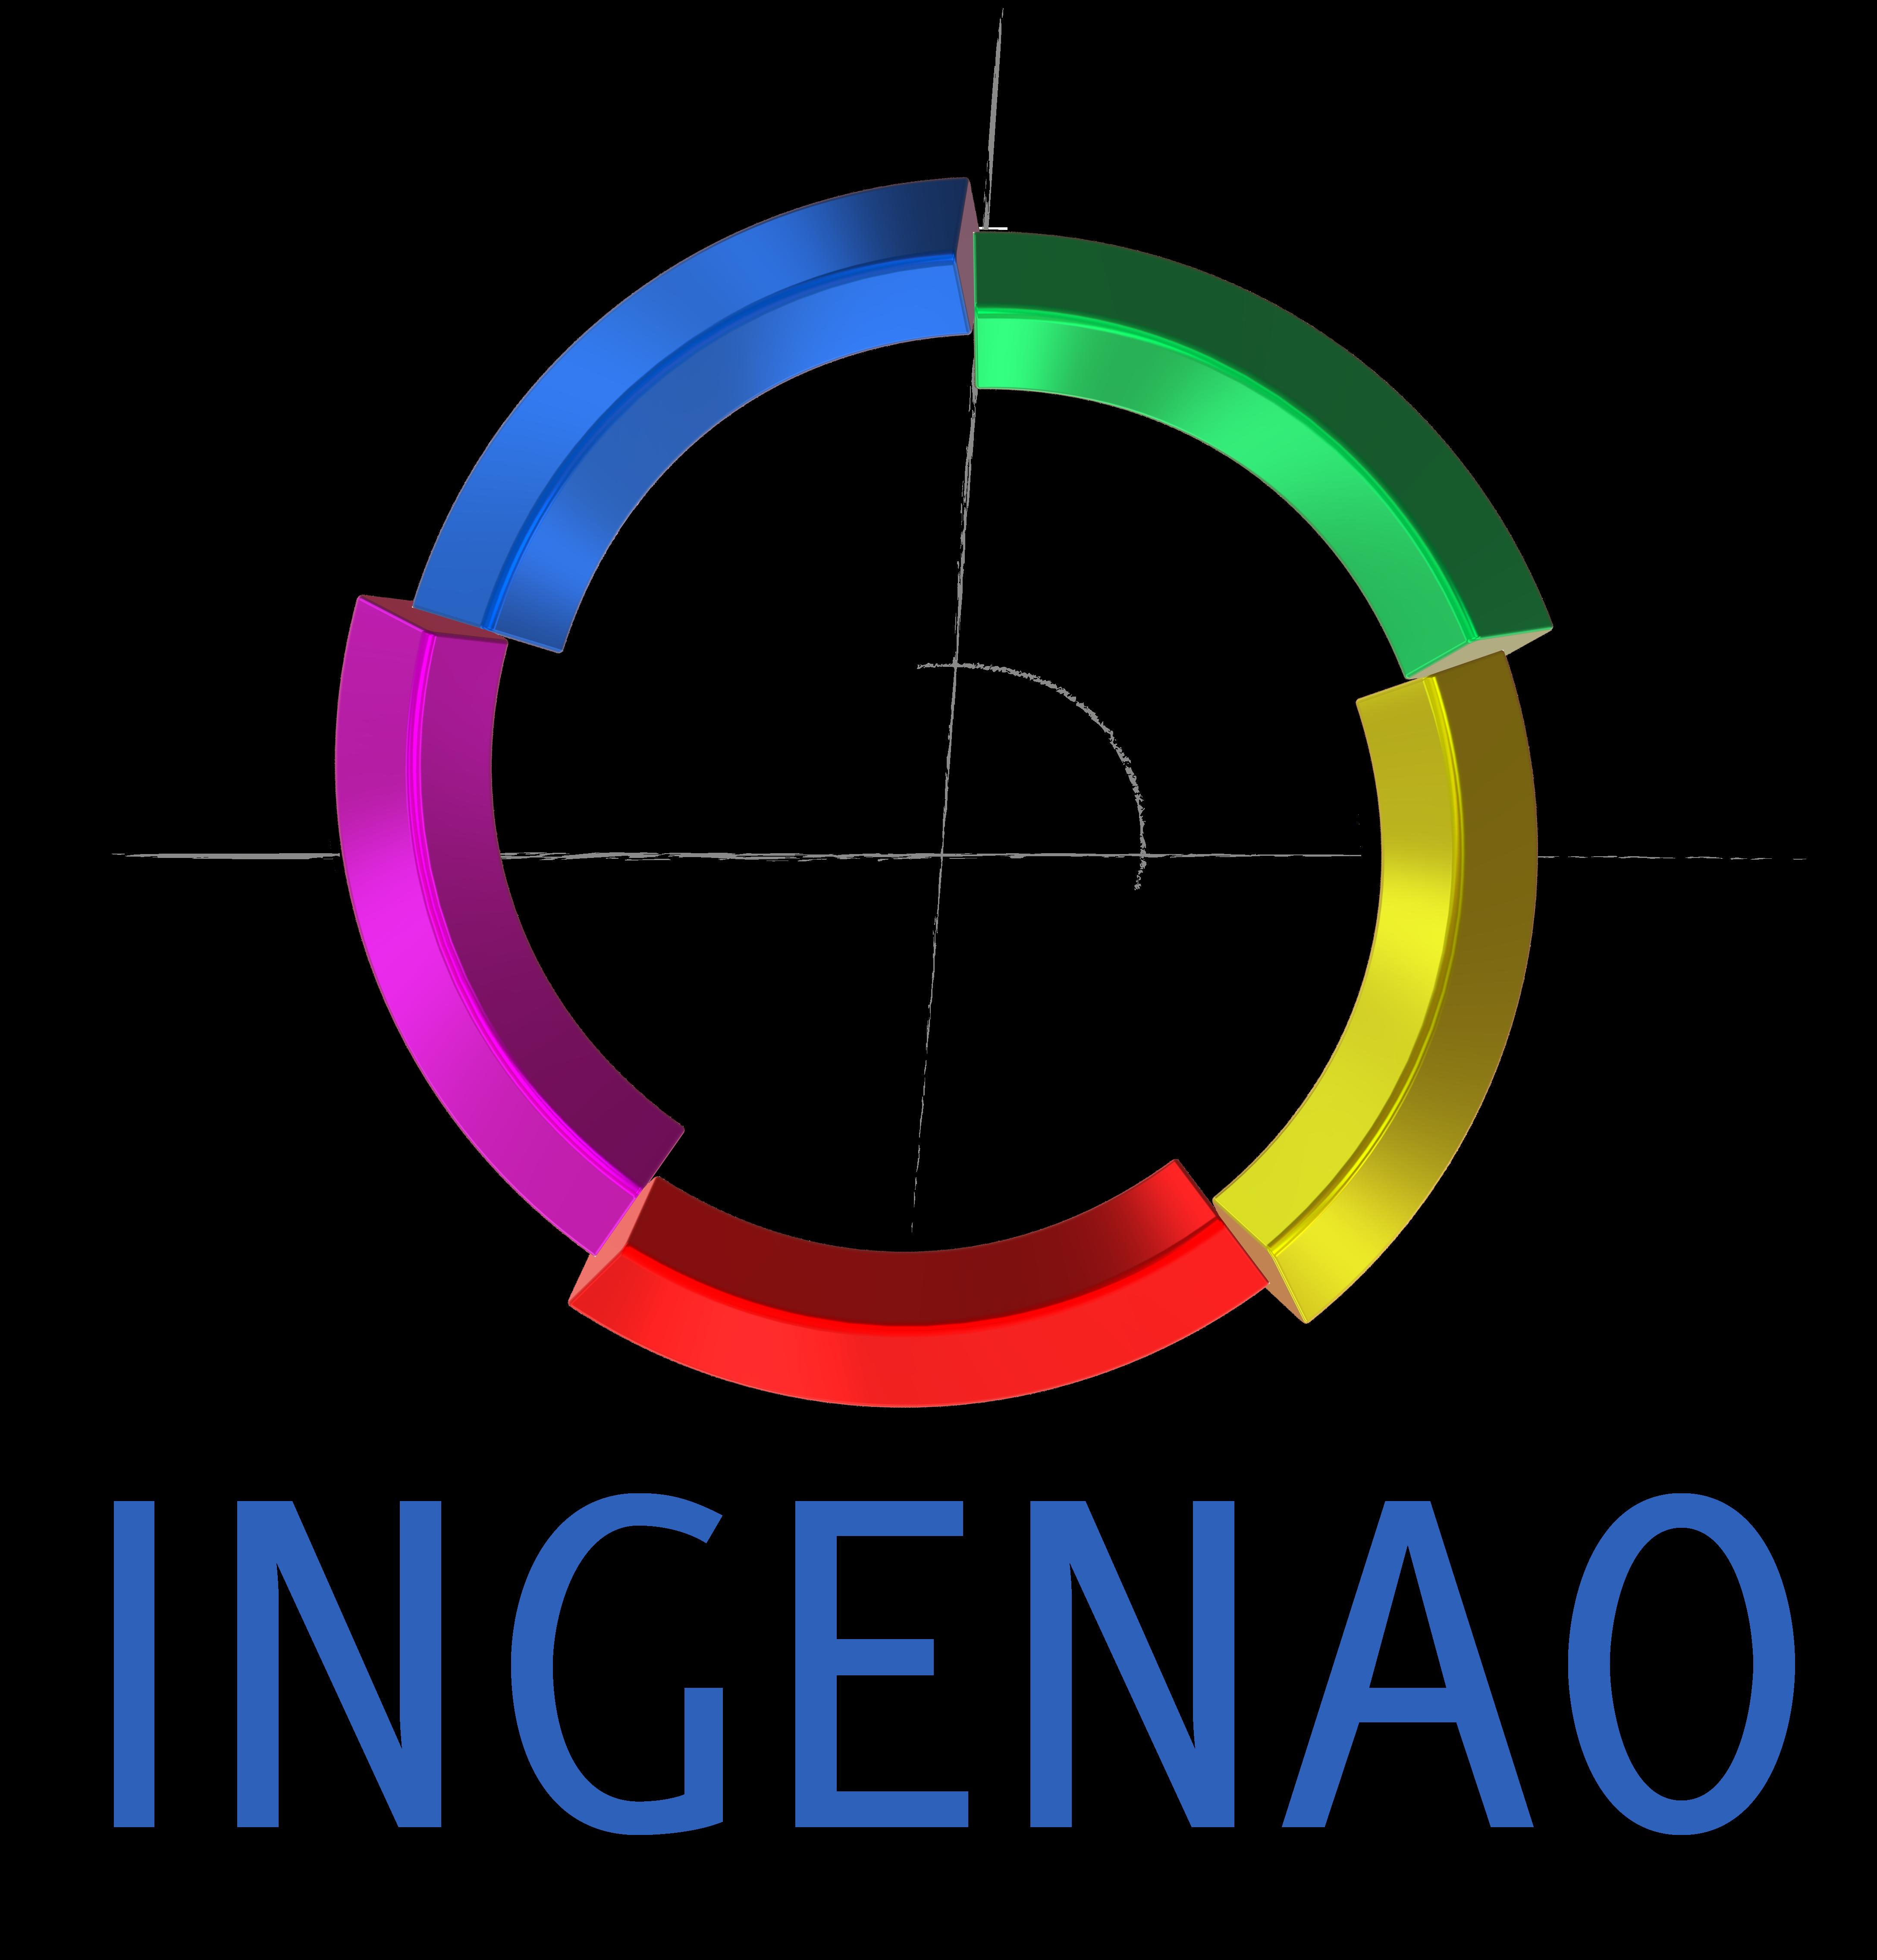 INGENAO